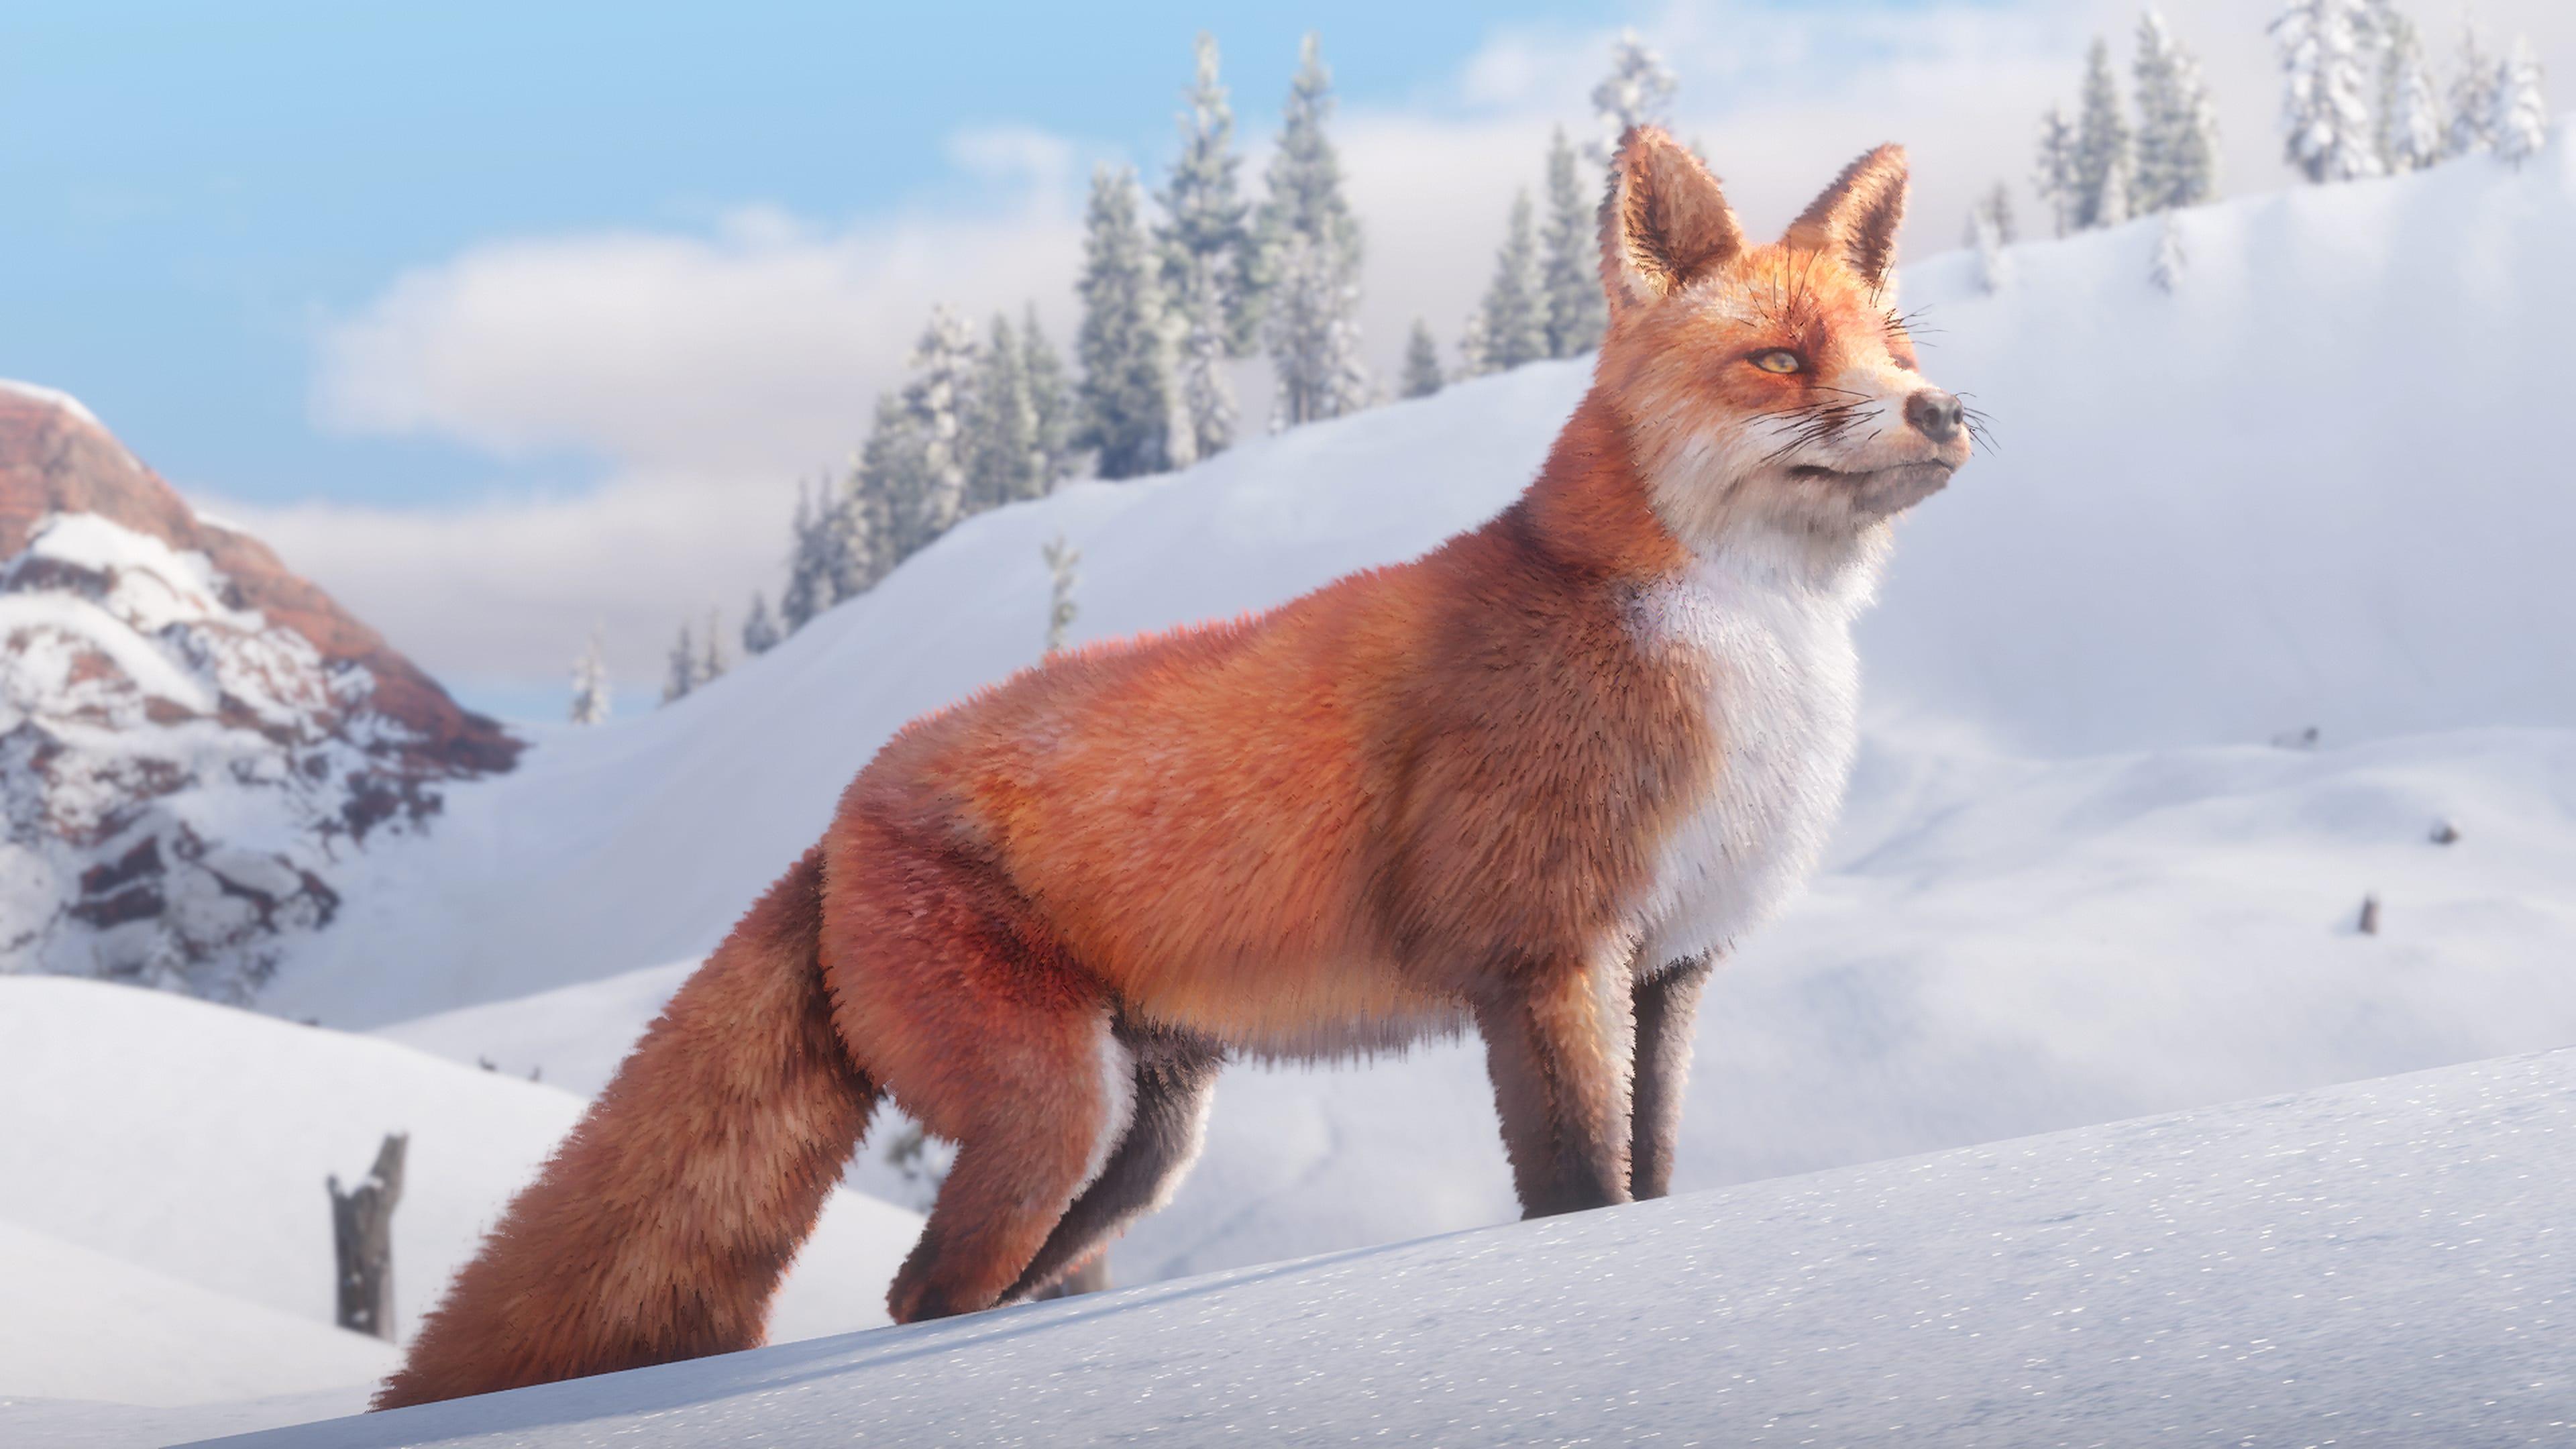 Red Fox 4k Ultra Fondo De Pantalla Hd Fondo De Escritorio